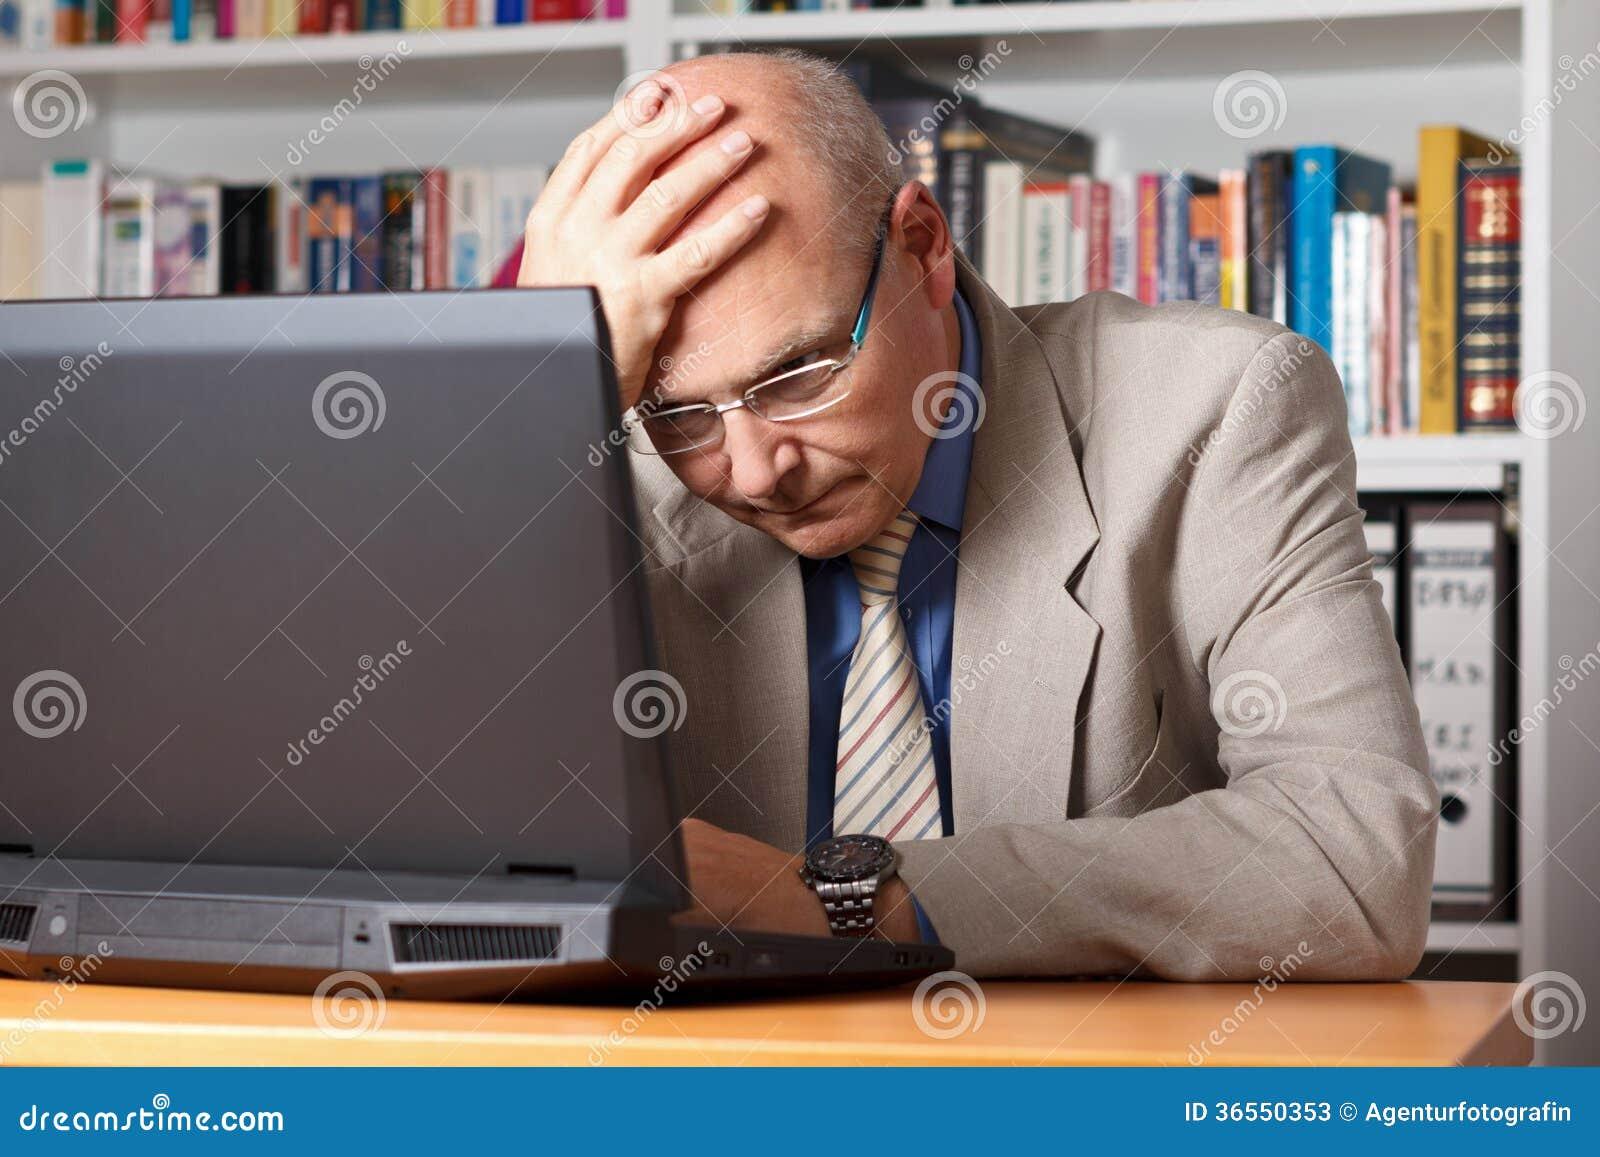 Sfrustowany mężczyzna z laptopem